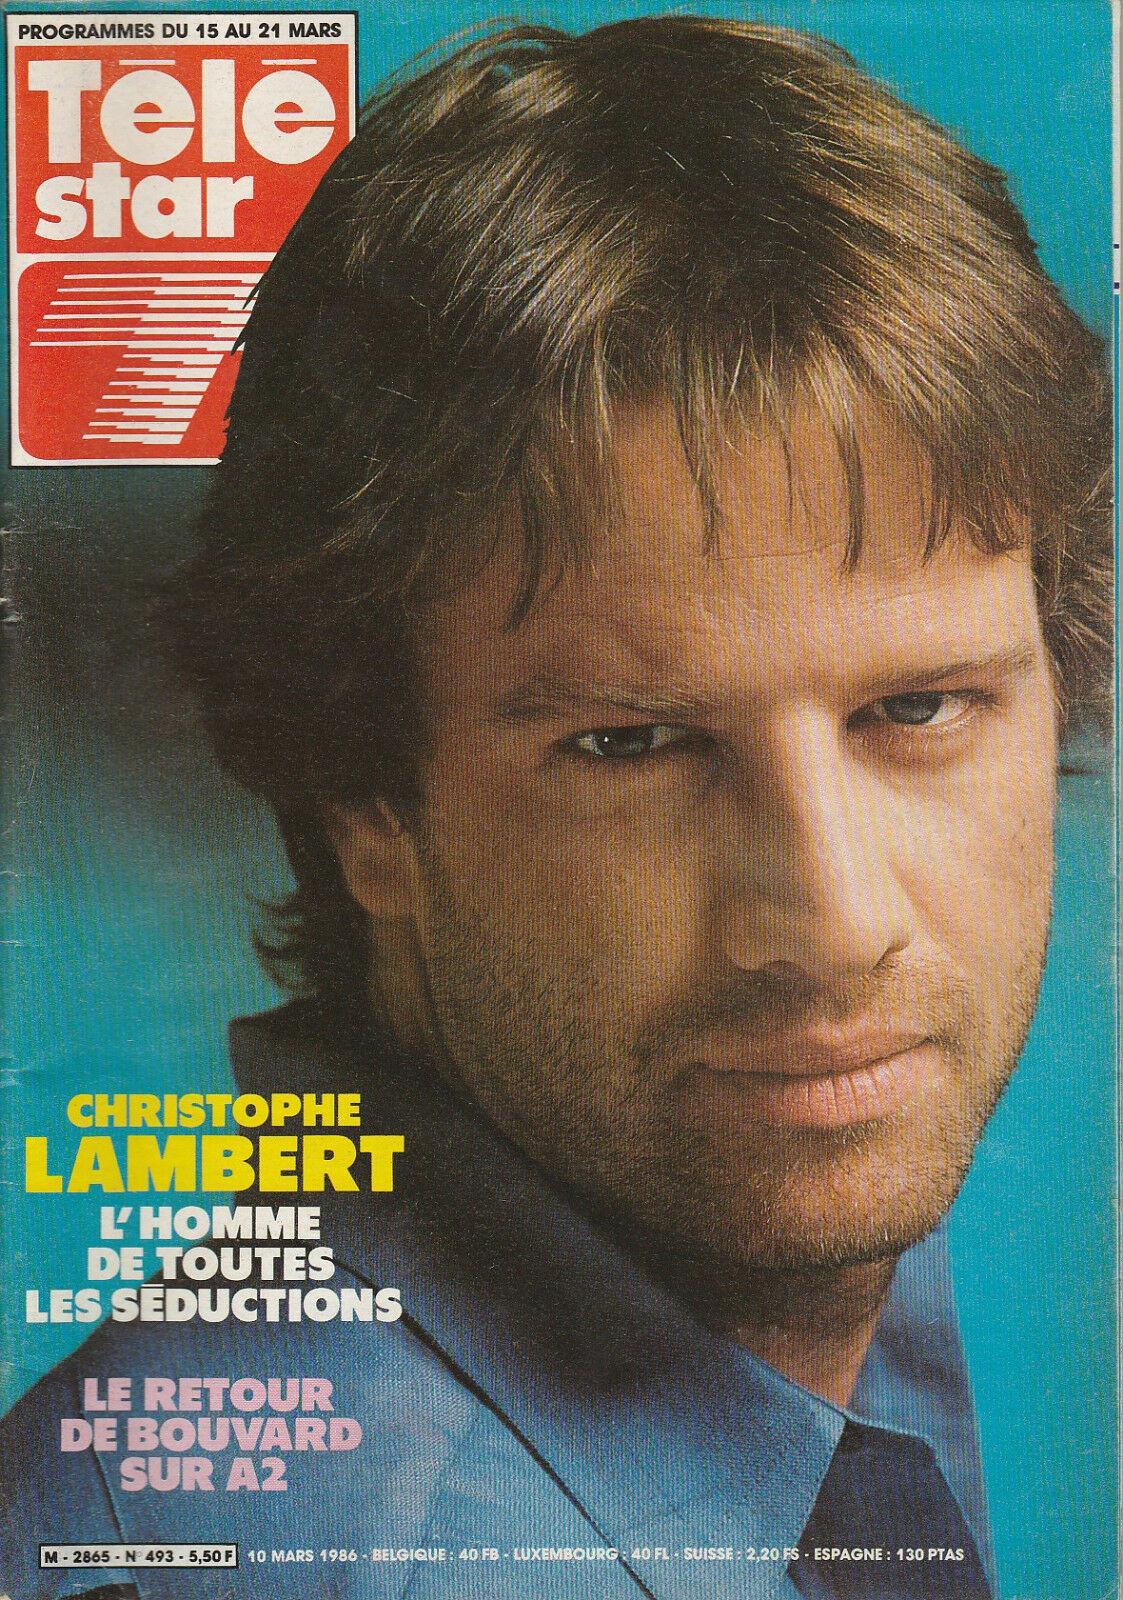 15 au 21 mars 1986